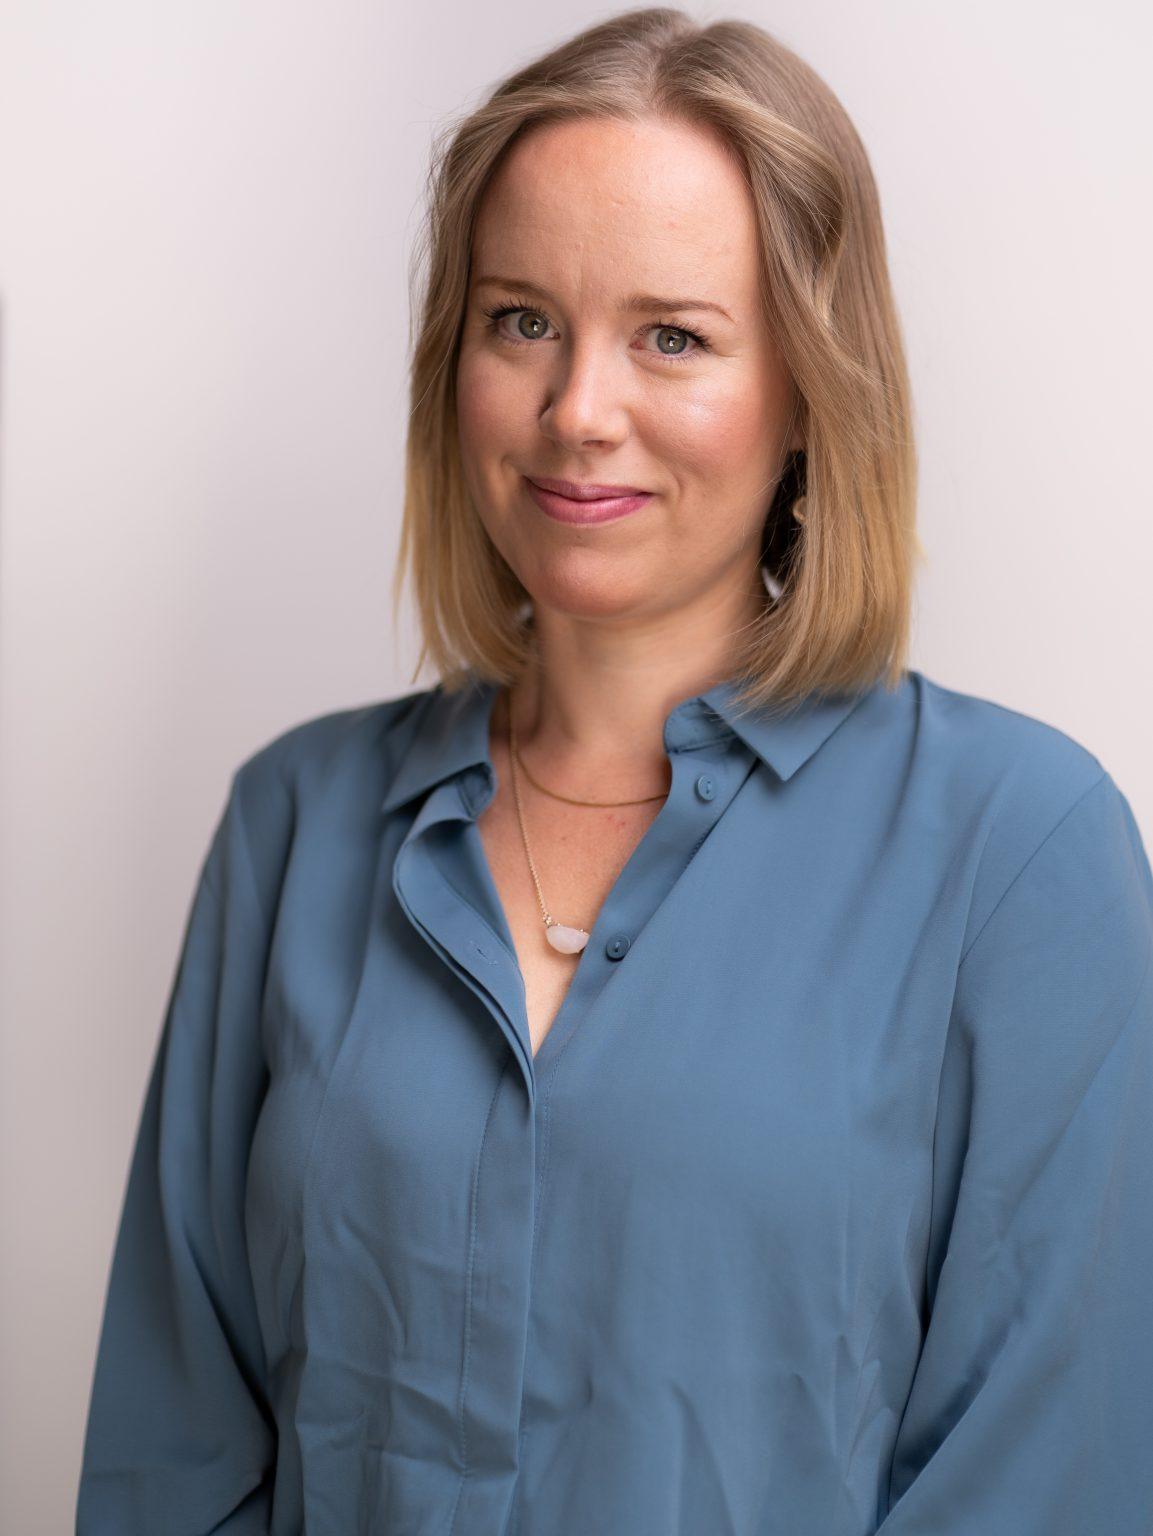 Susan Galvin